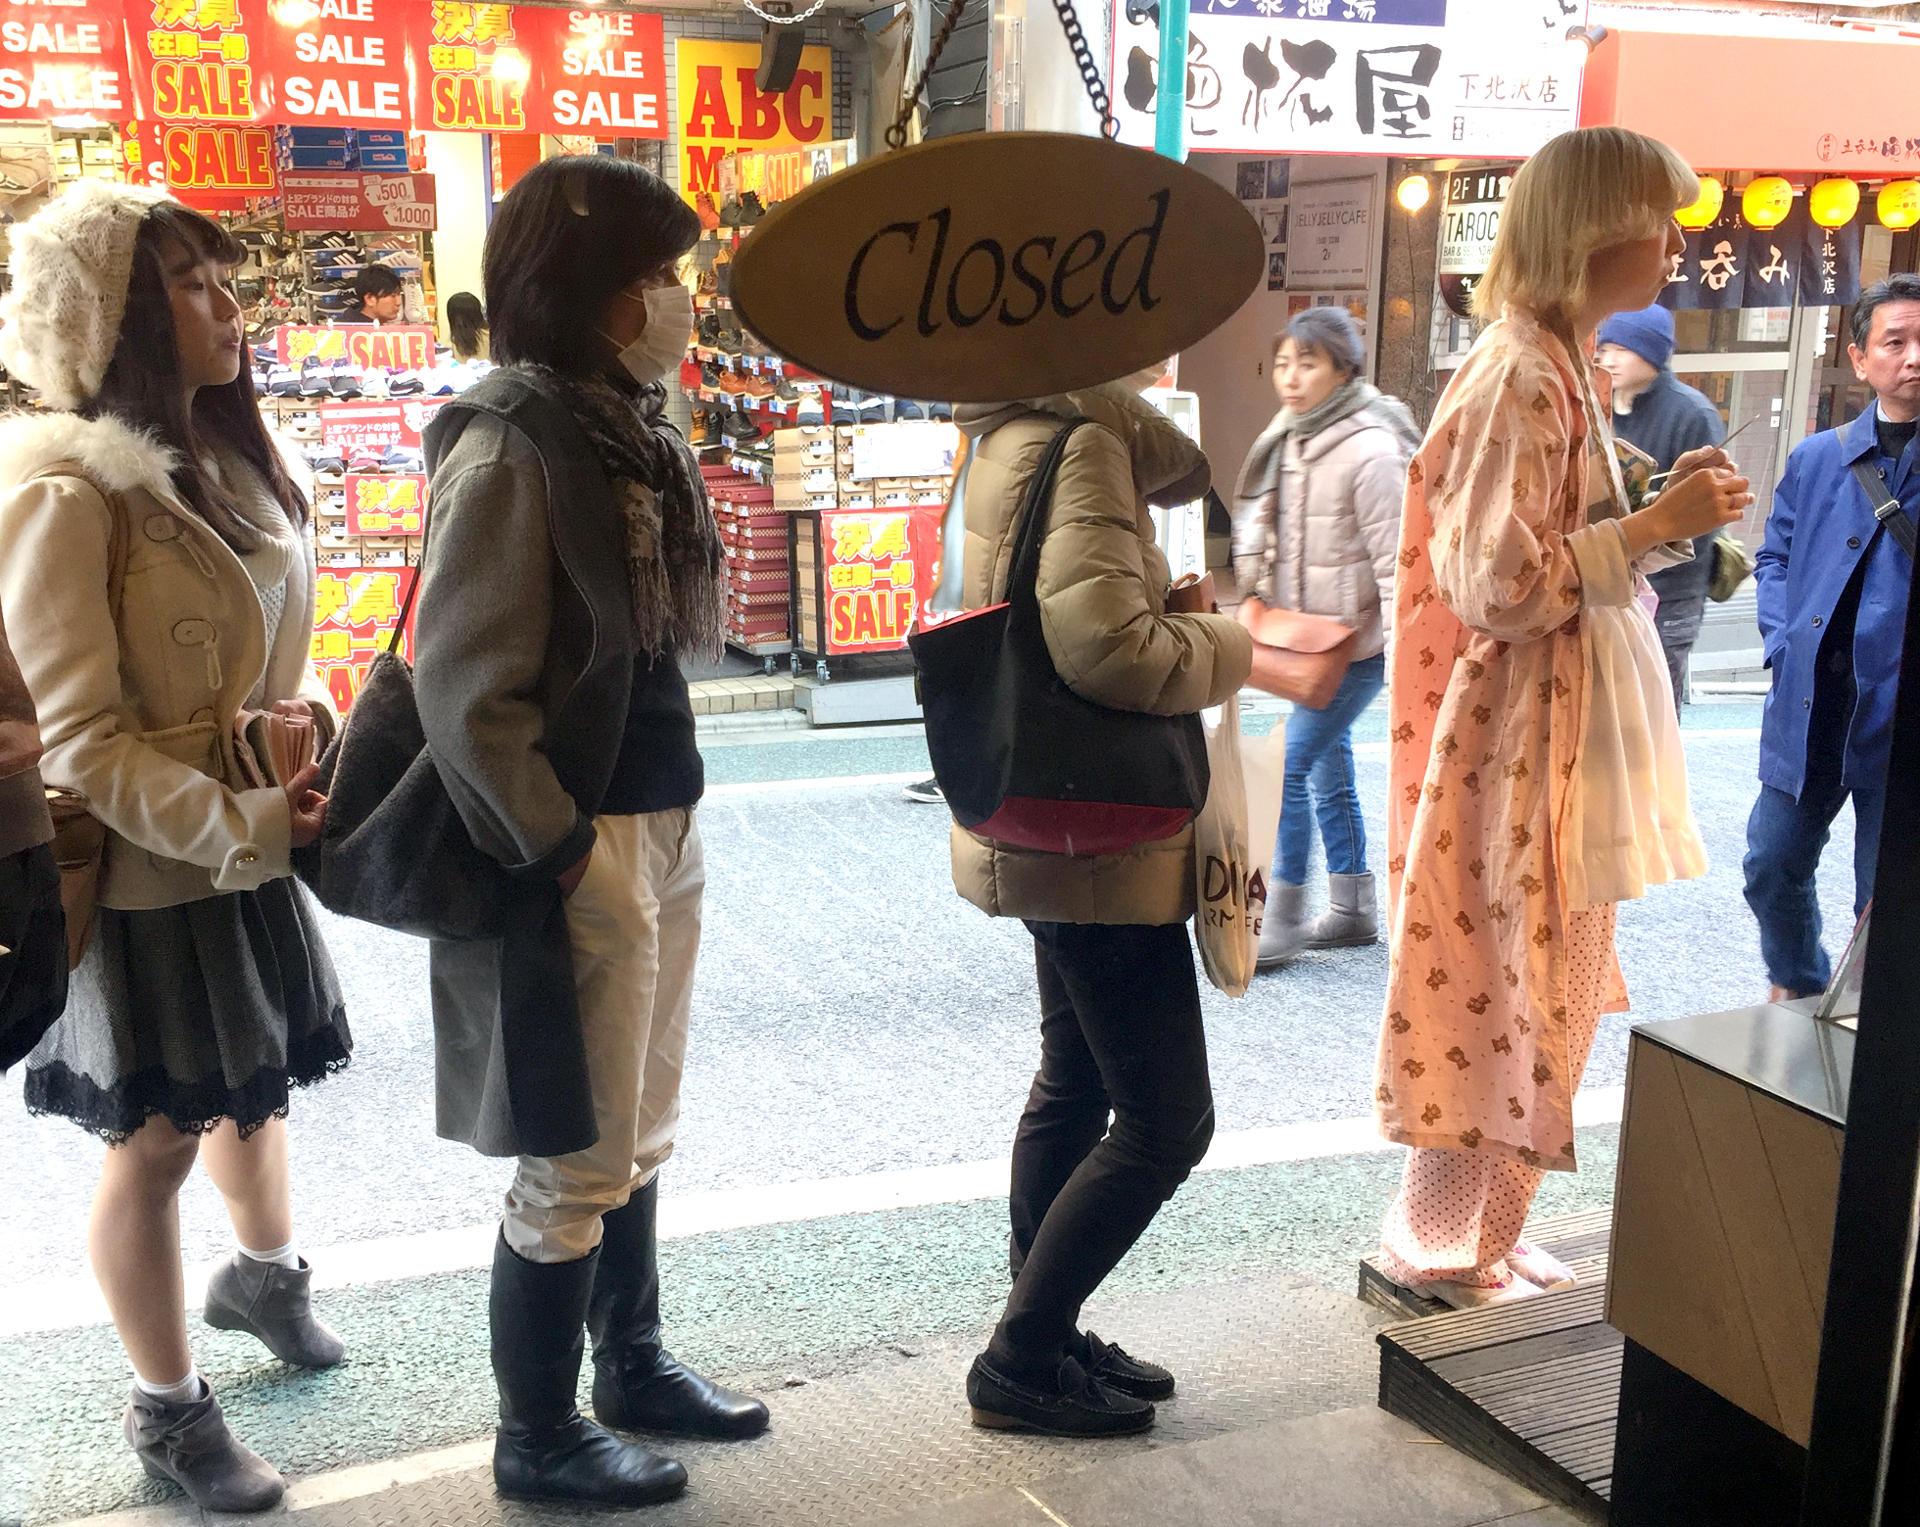 japonia japonki ubiór street fashion tradycja iglawpodrozy